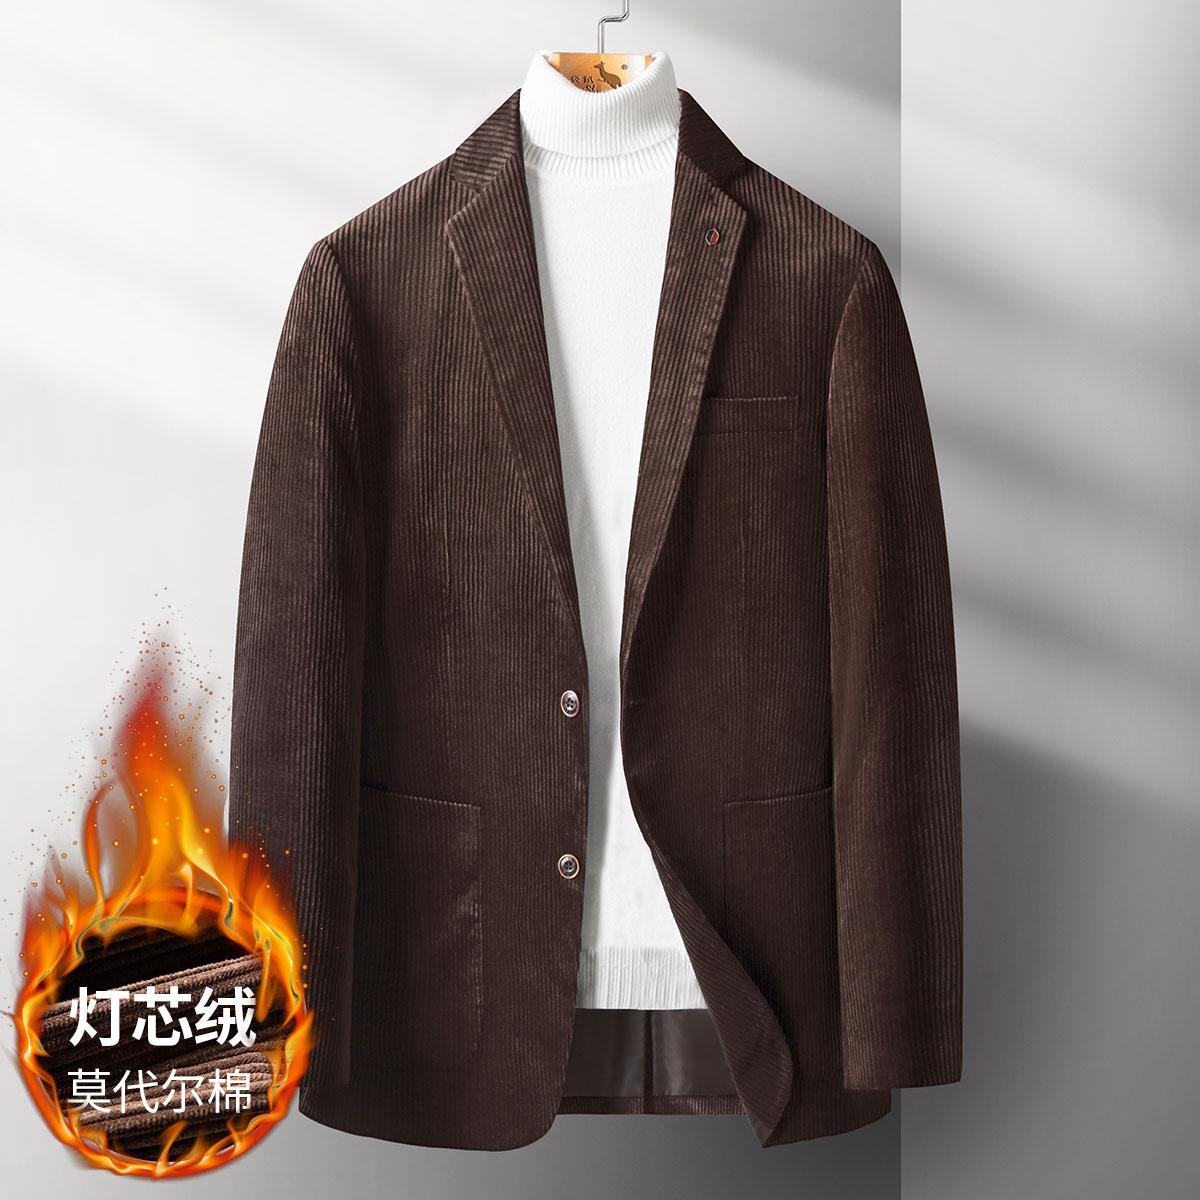 【灯芯绒西服】冬季新款莫代尔天丝棉纯色商务休闲西装外套男